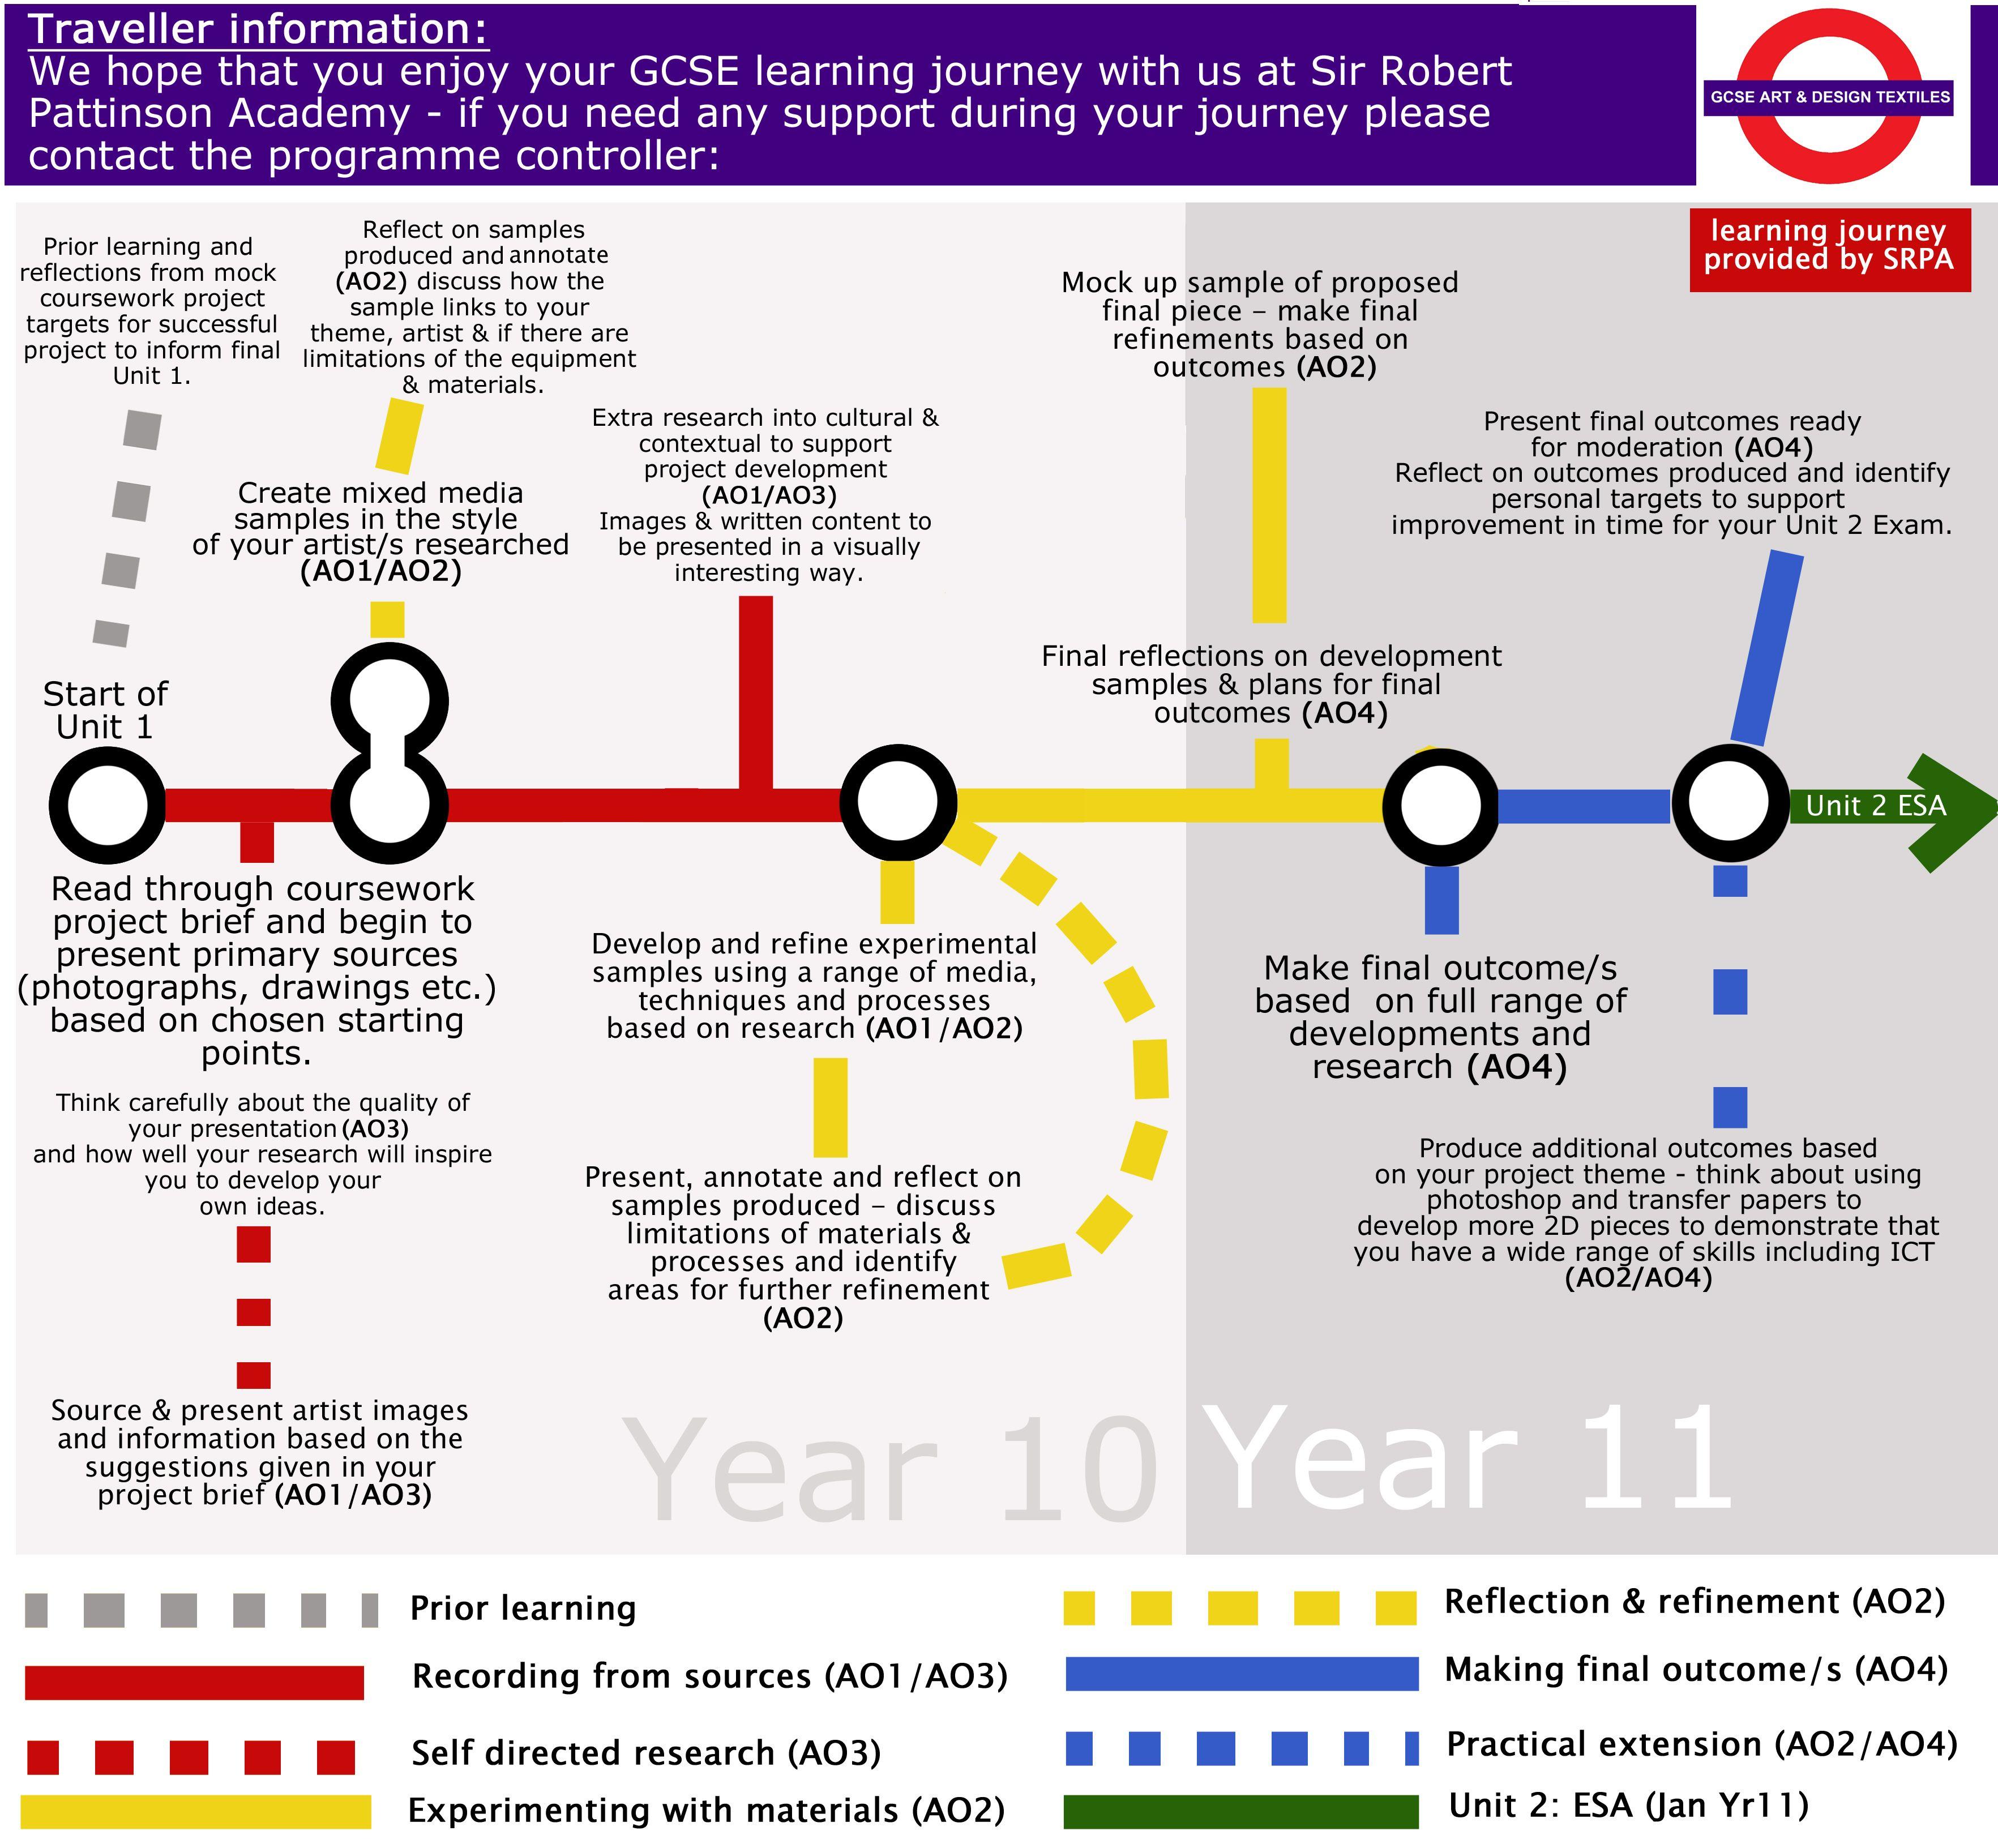 Gcse Tube Map Learning Journey